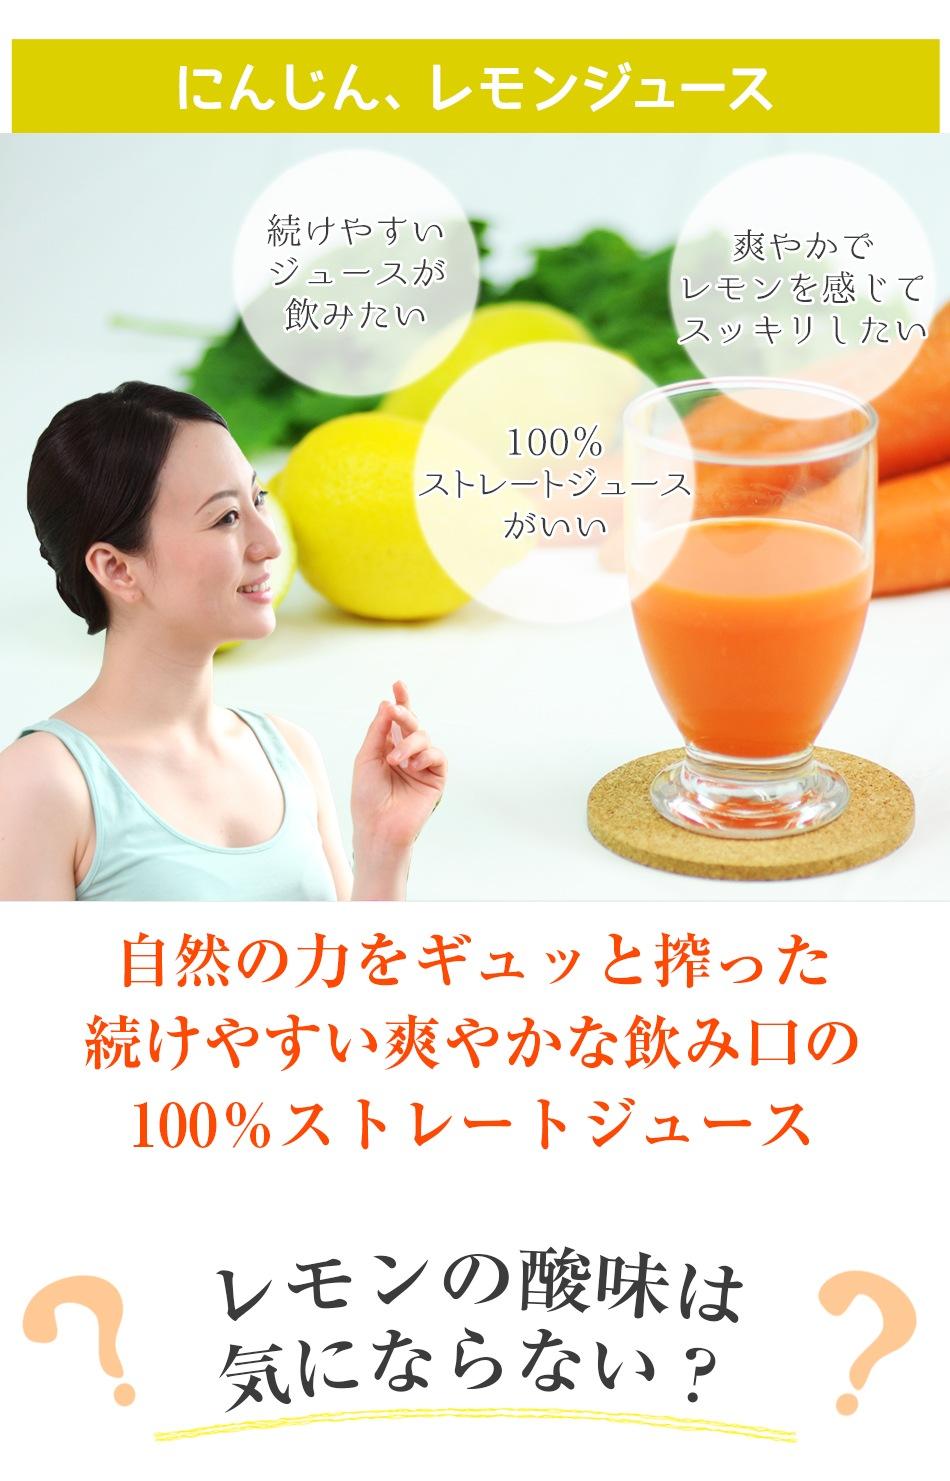 続けやすい爽やかな飲み口のジュースがいい という方にオススメな にんじんレモンジュース